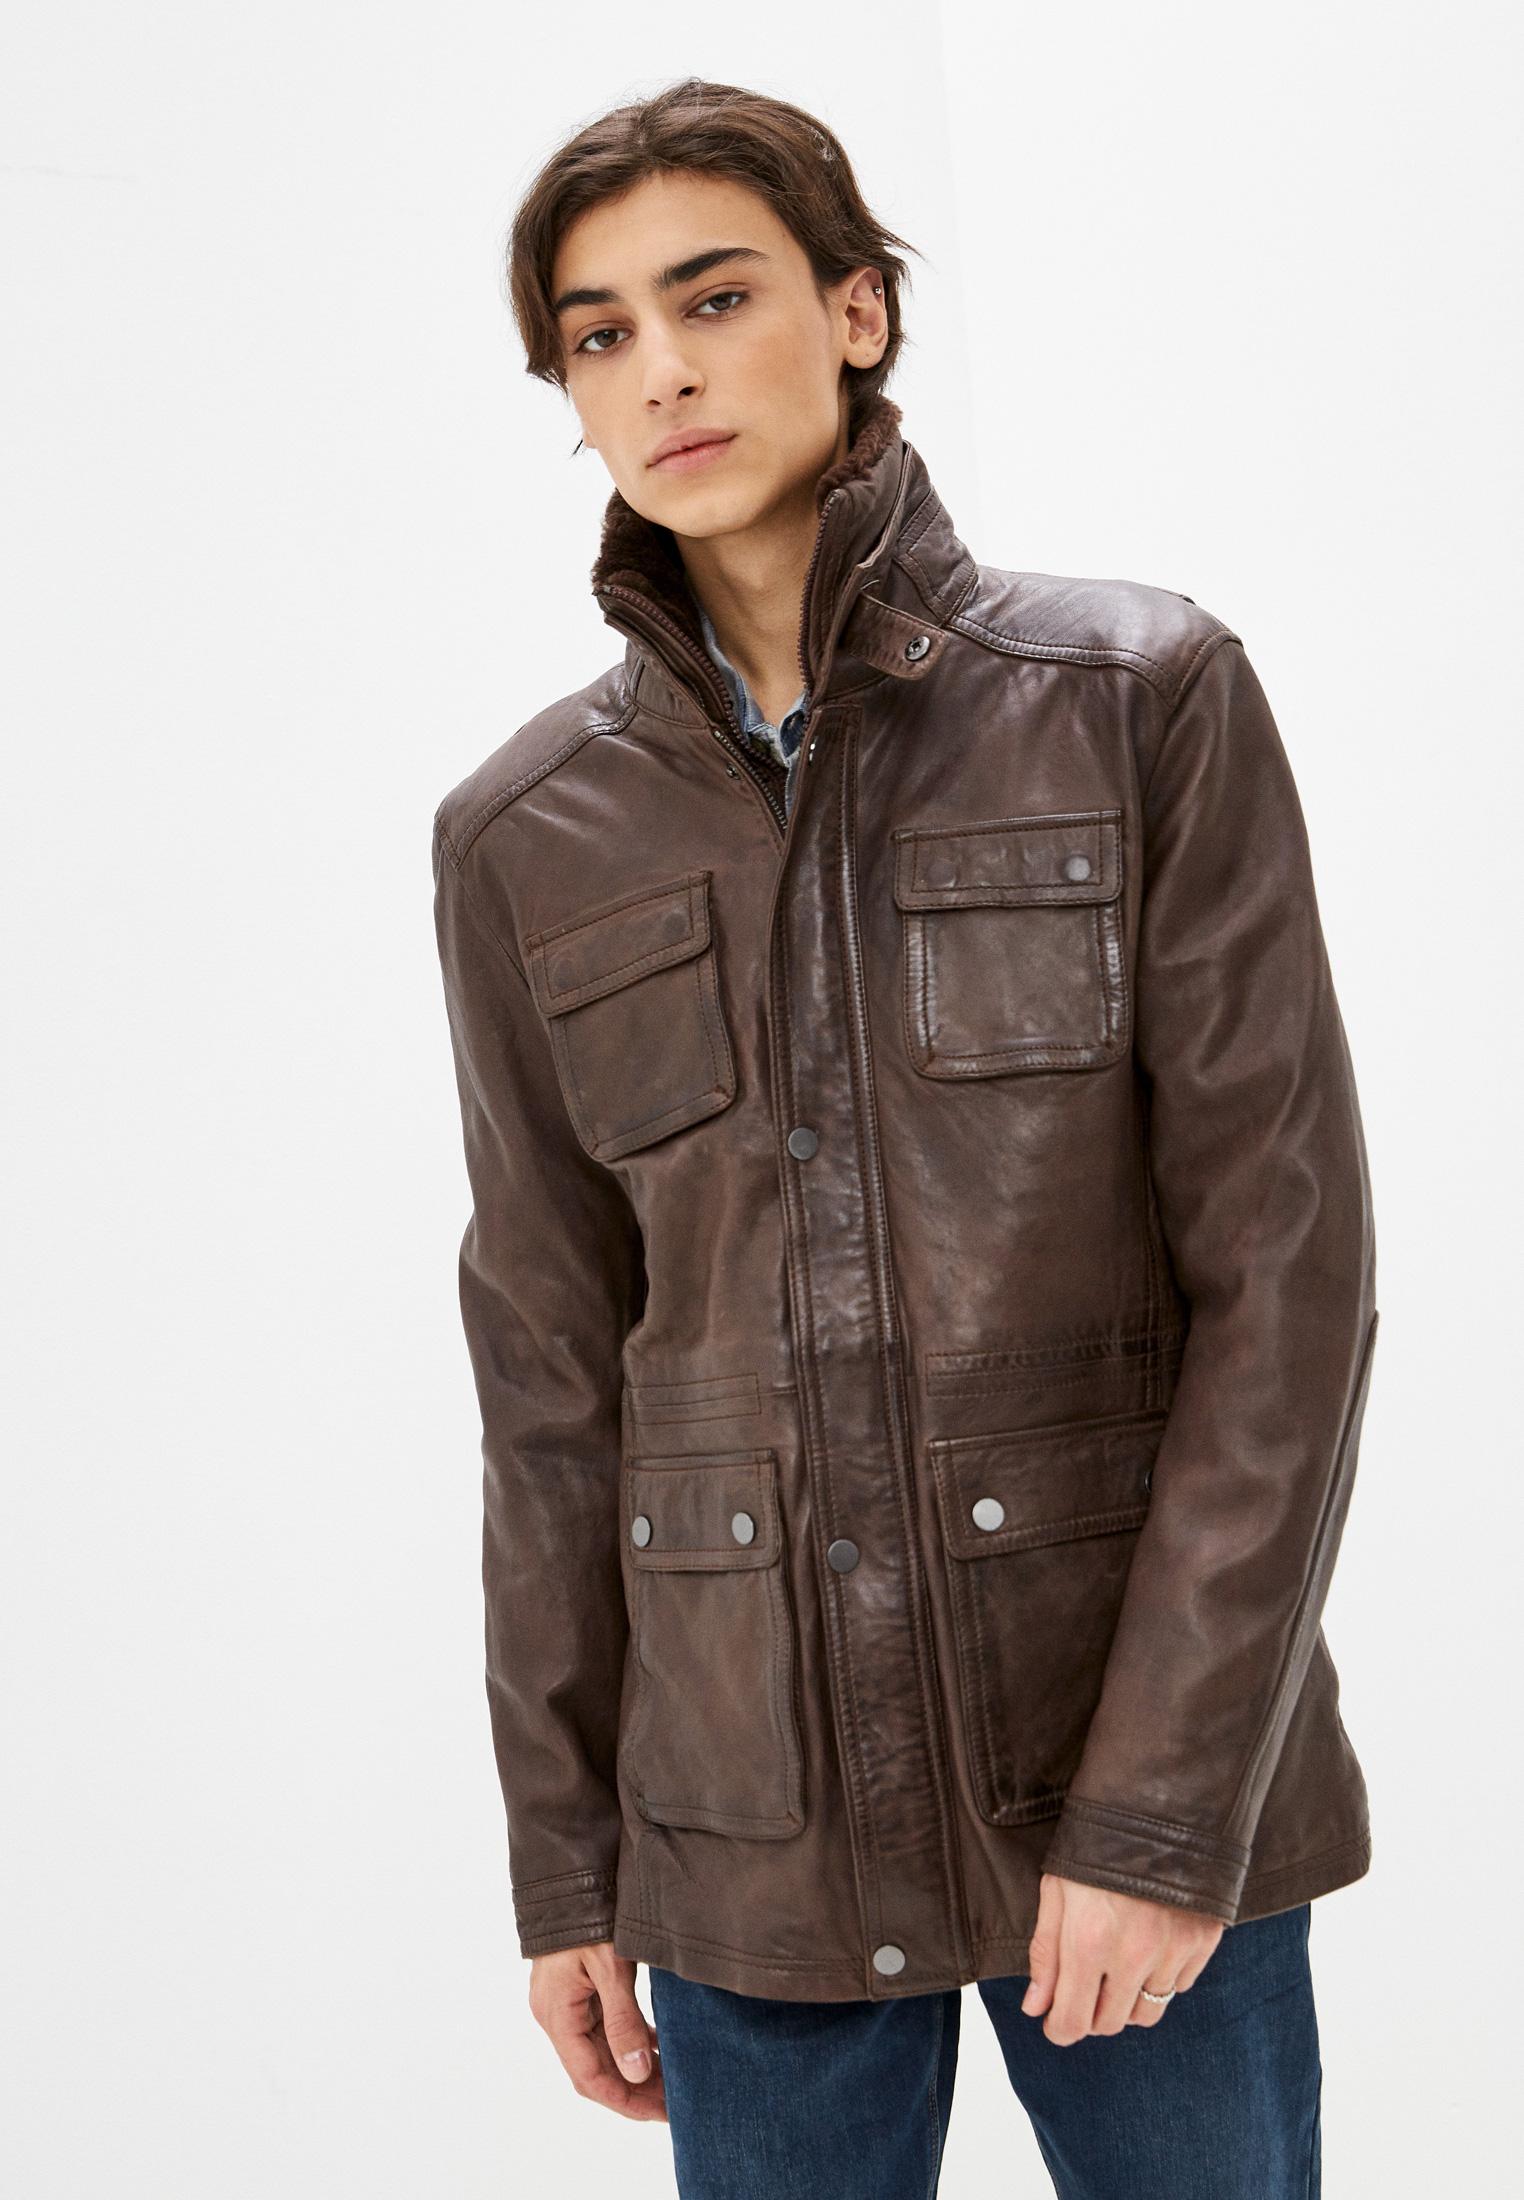 Кожаная куртка Deercraft Куртка кожаная Deercraft